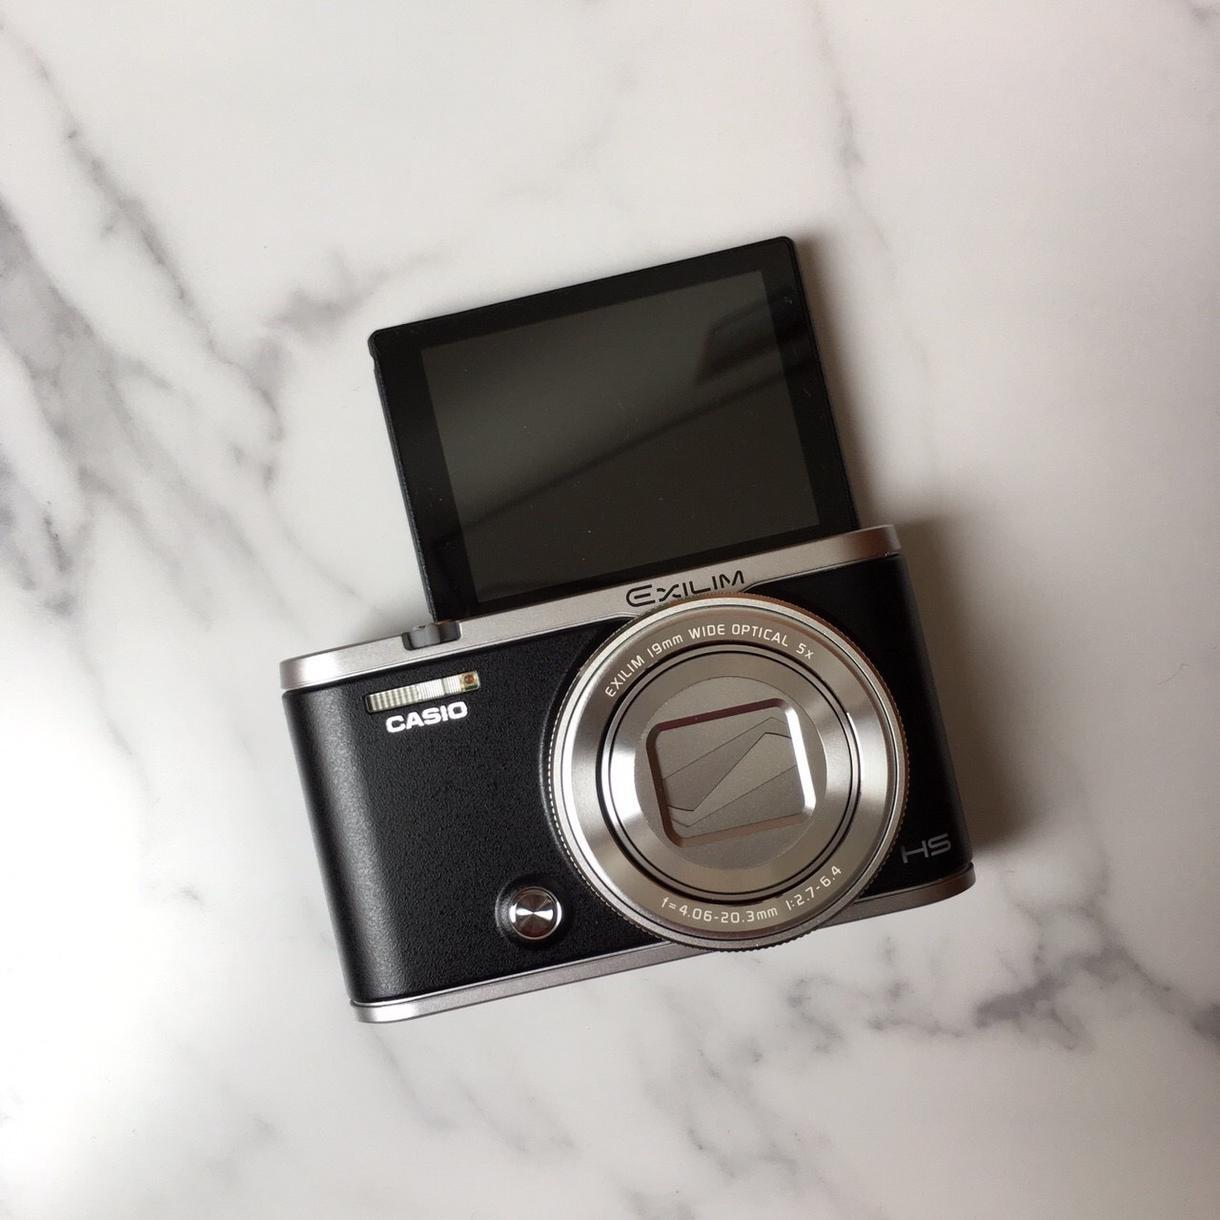 小物の商品撮影をします リアルな口コミ用・SNS用に使えます。